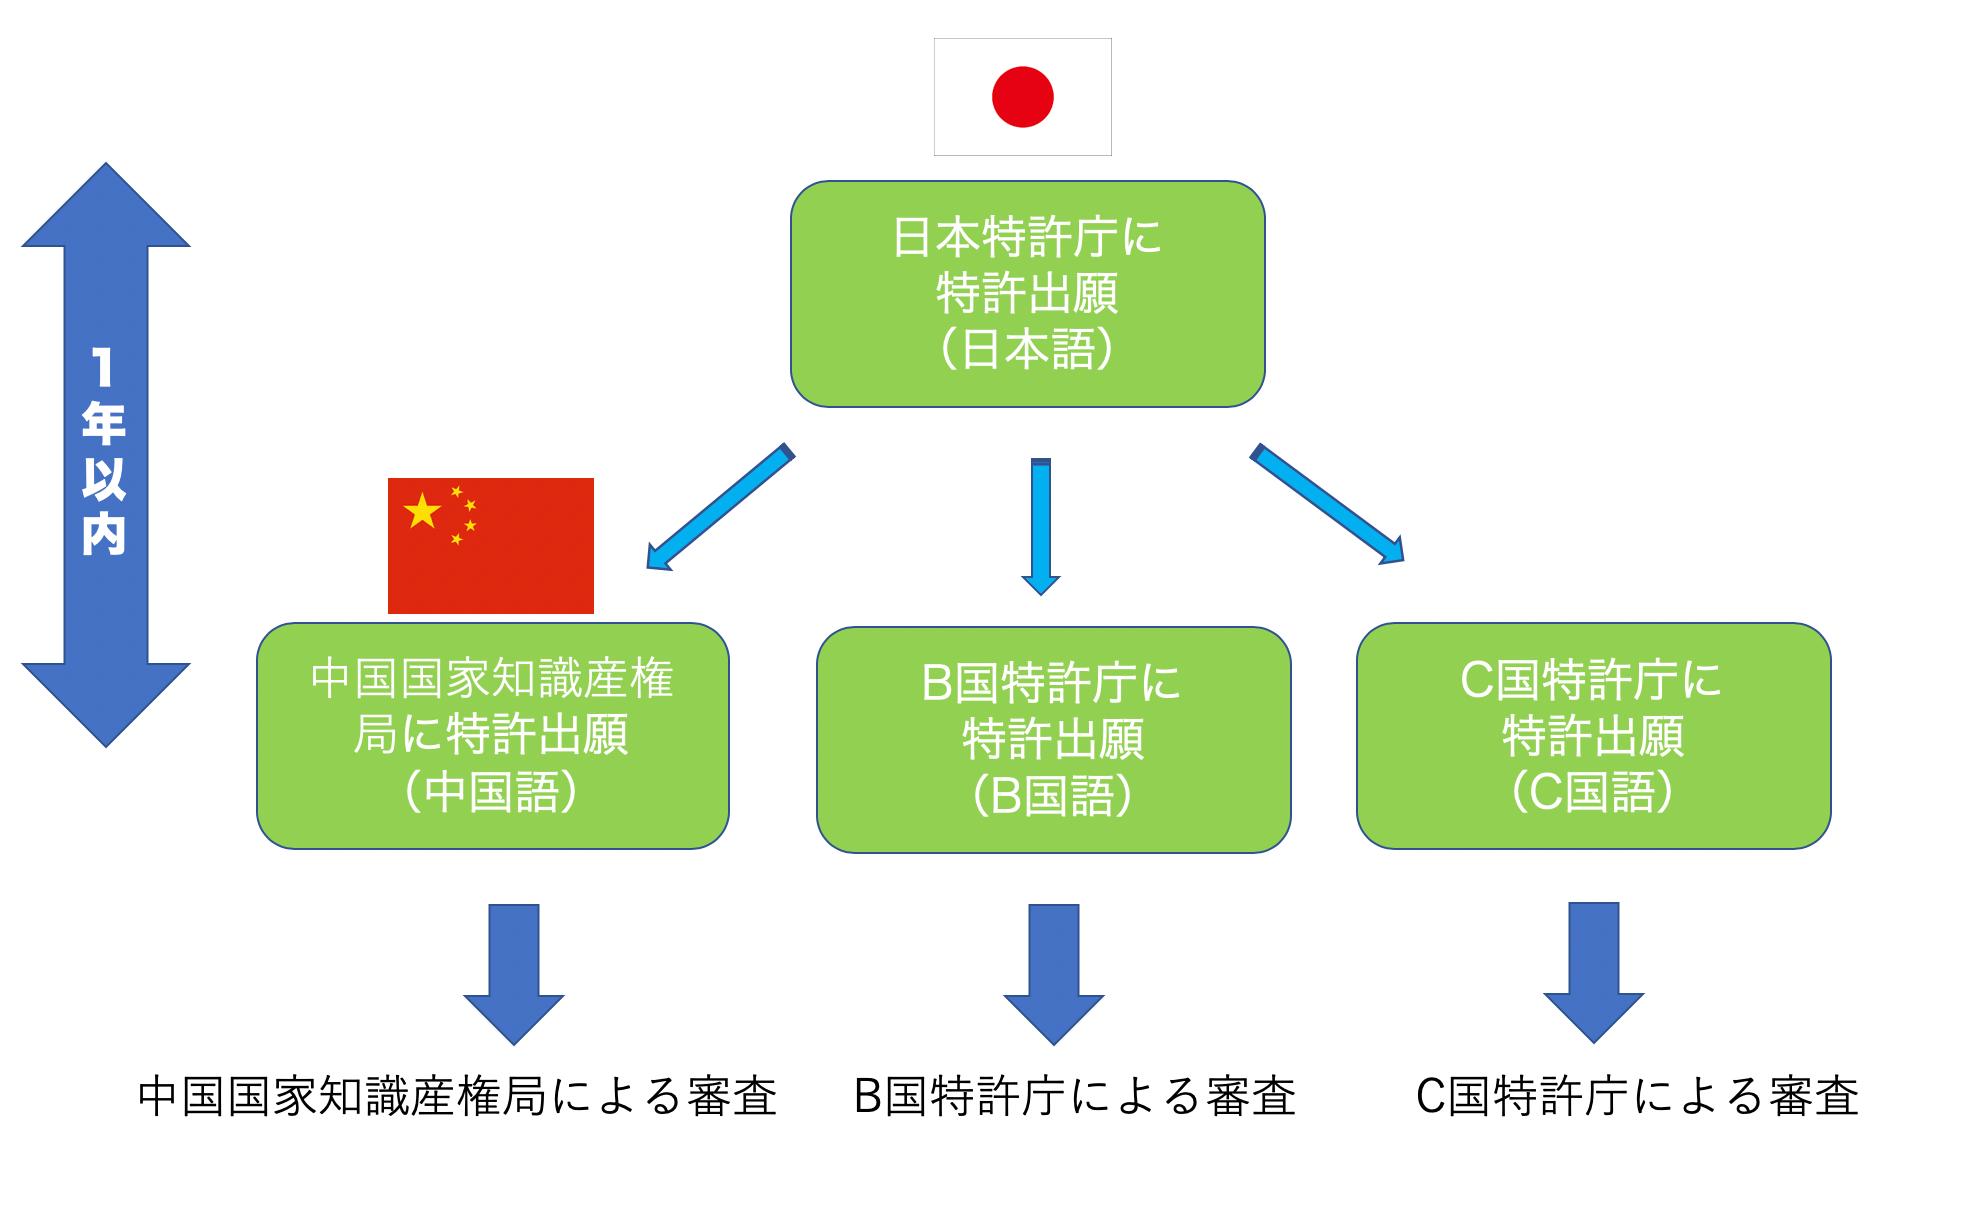 中国_パリルート(中国用)